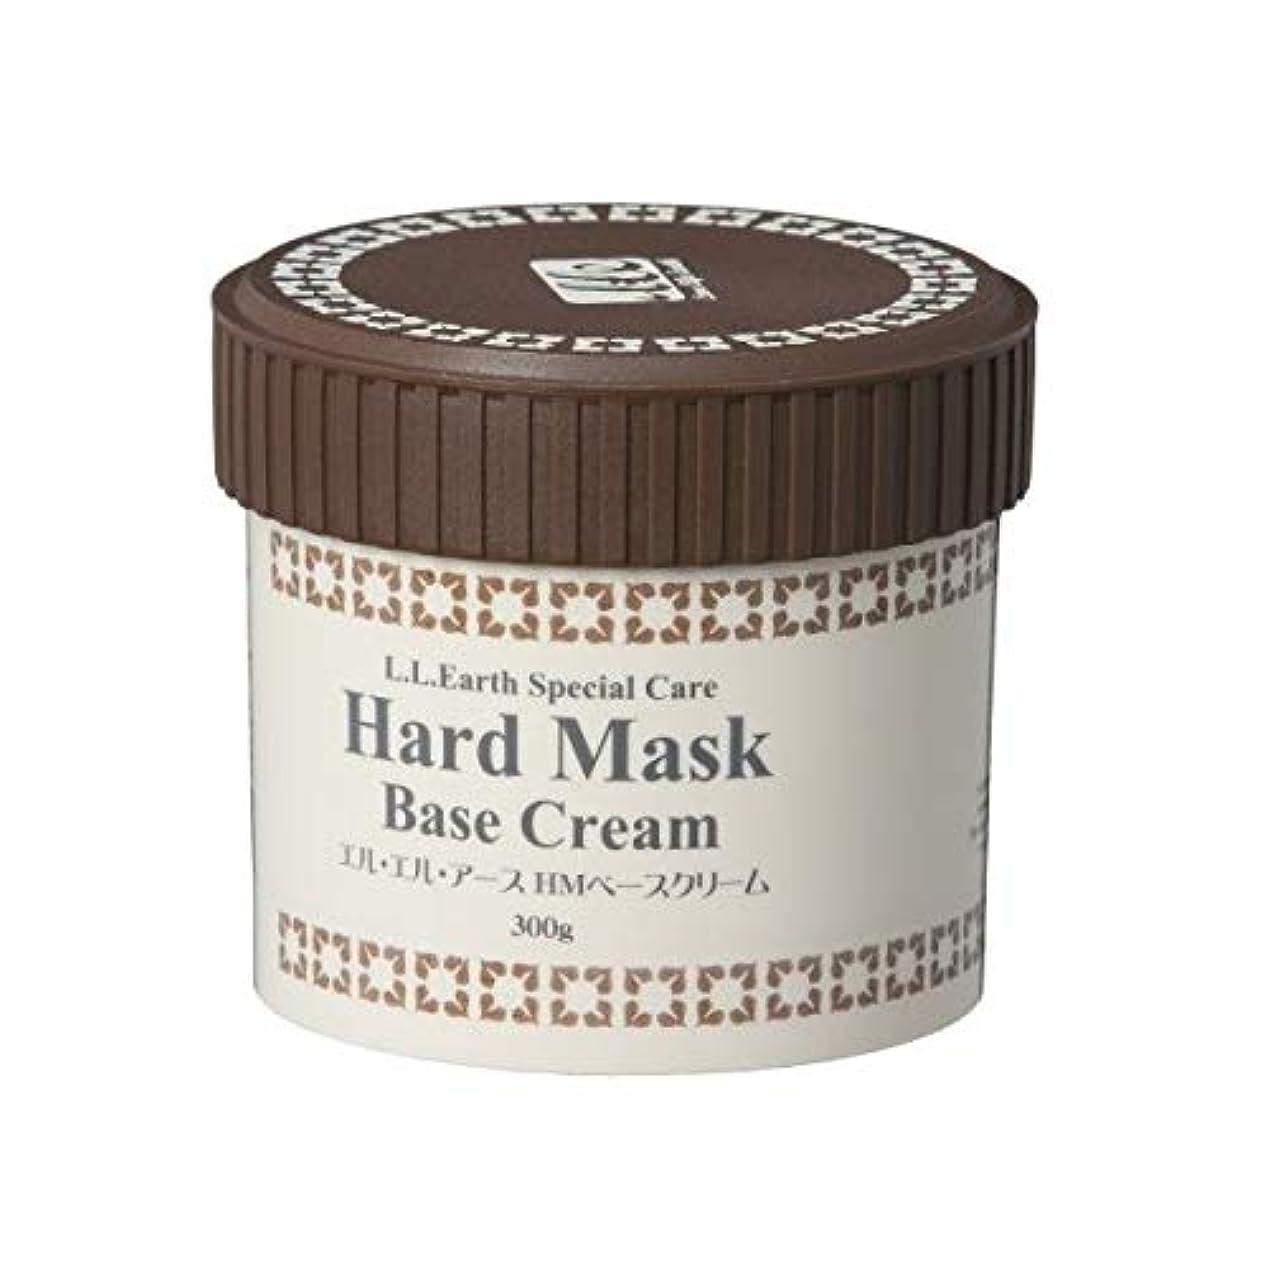 満足アヒル連邦LLE ハードマスクベースクリーム 業務用 300g 石膏パック パック フェイスパック